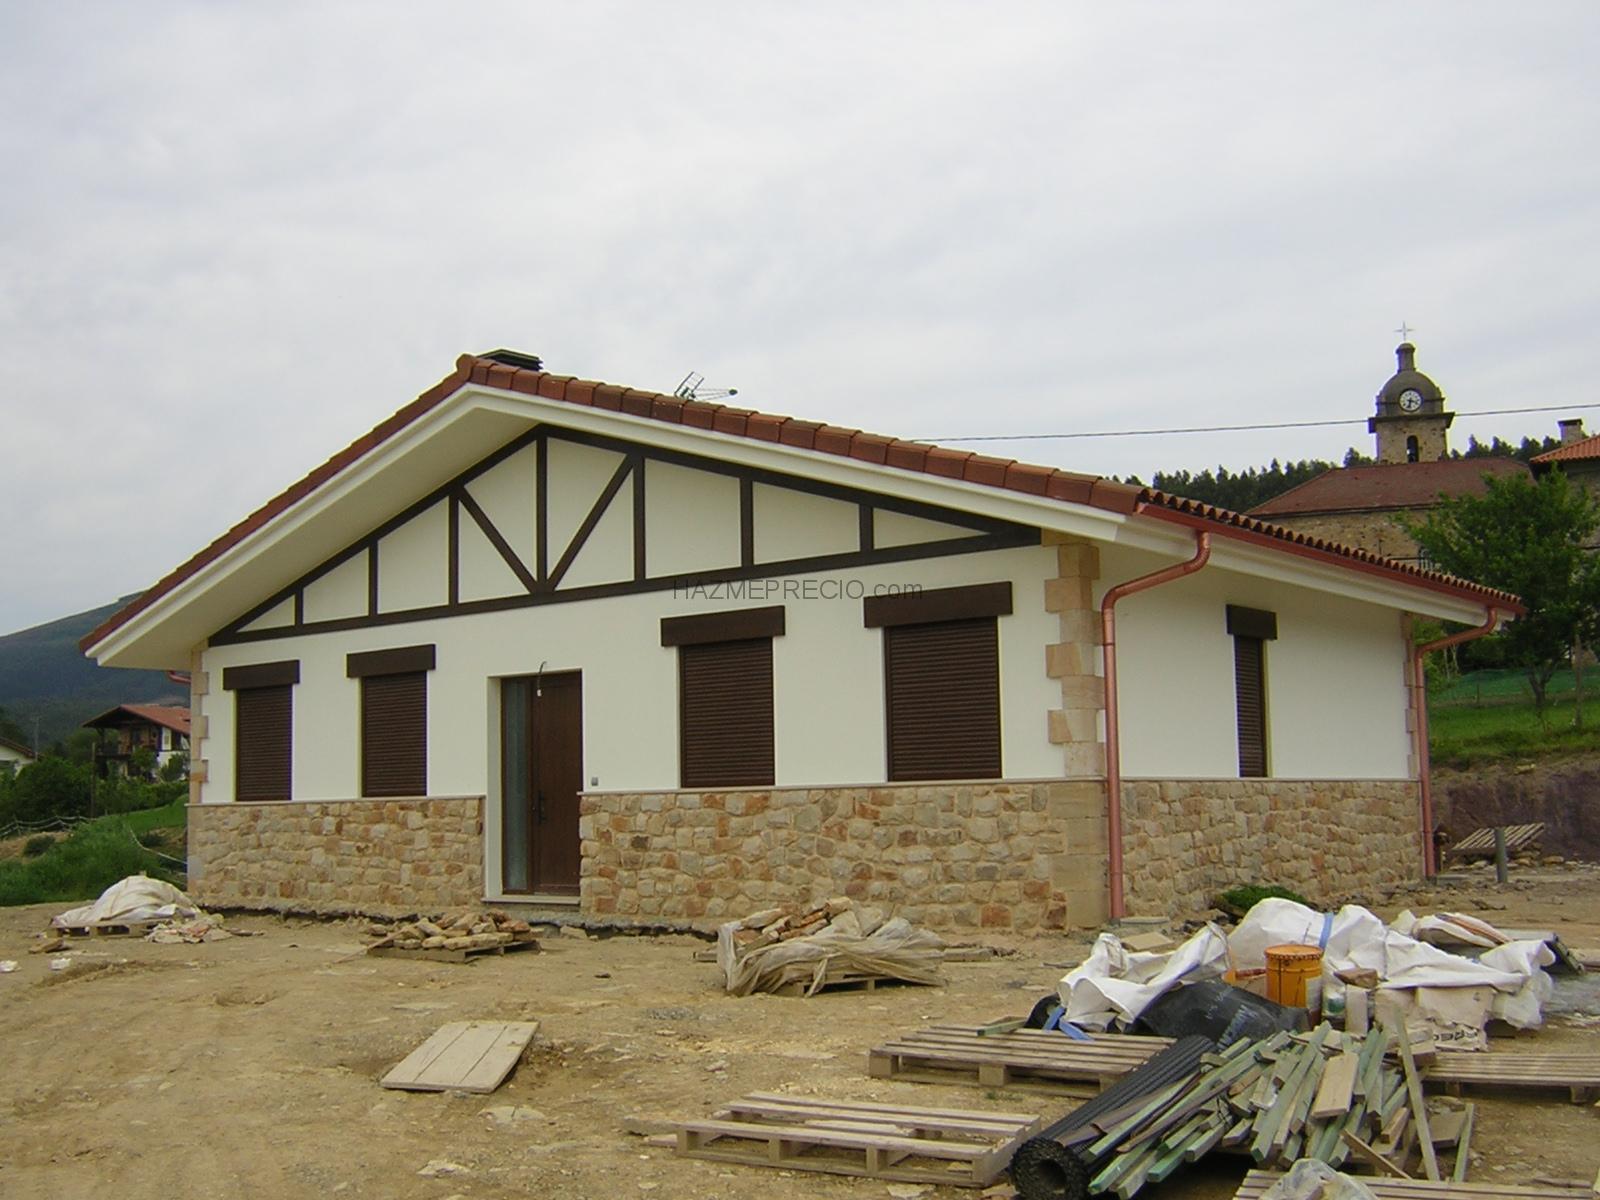 REFORMAS SAN BICENTE : 48902 - Eibar(Guipuzcoa) : HAZMEPRECIO.com